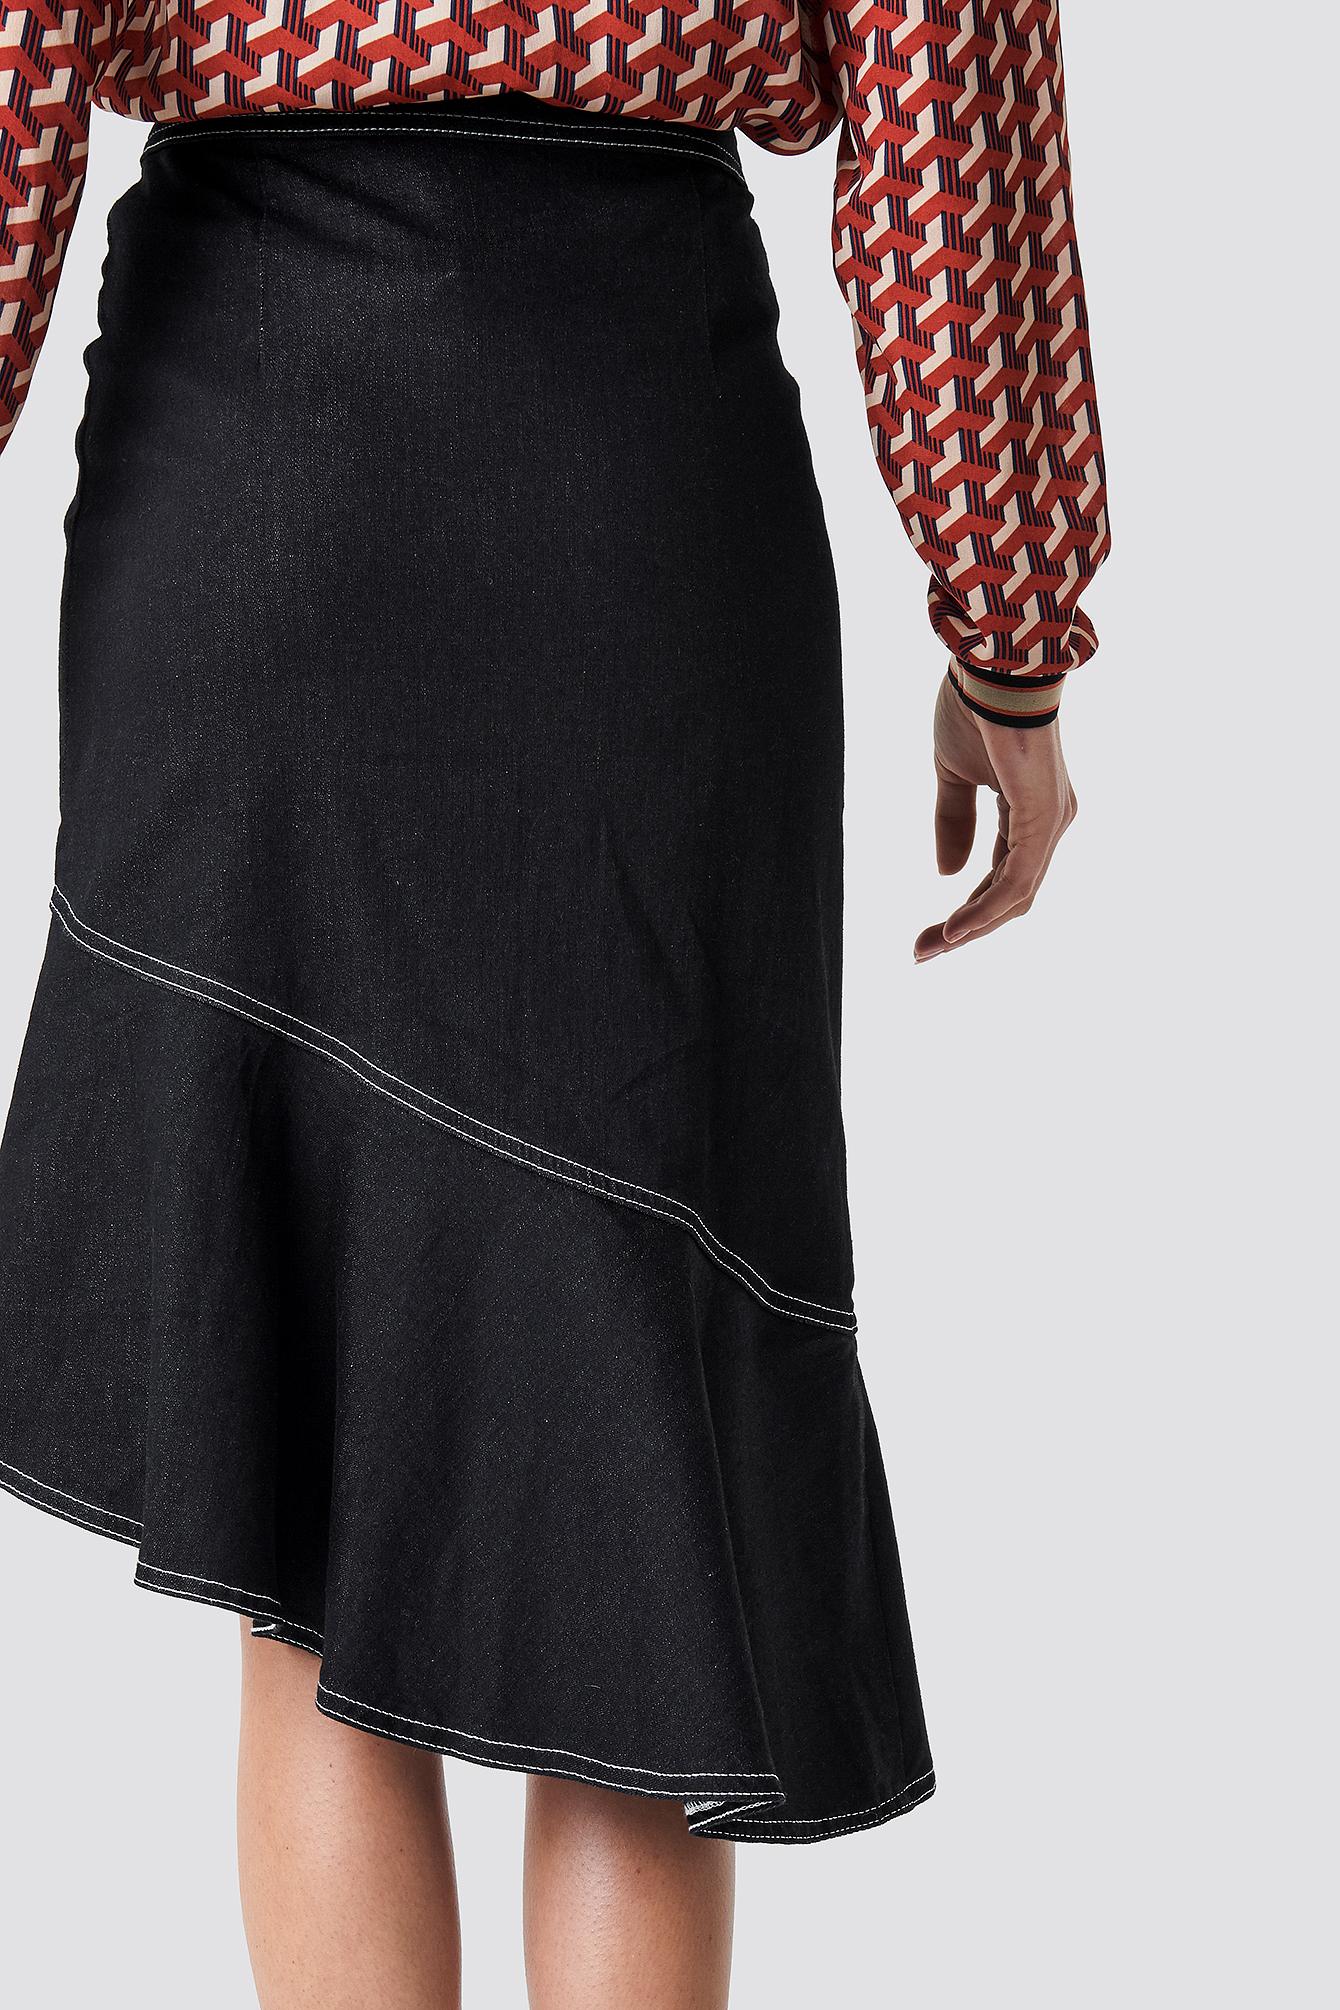 Contrast Seam Denim Flounce Skirt NA-KD.COM